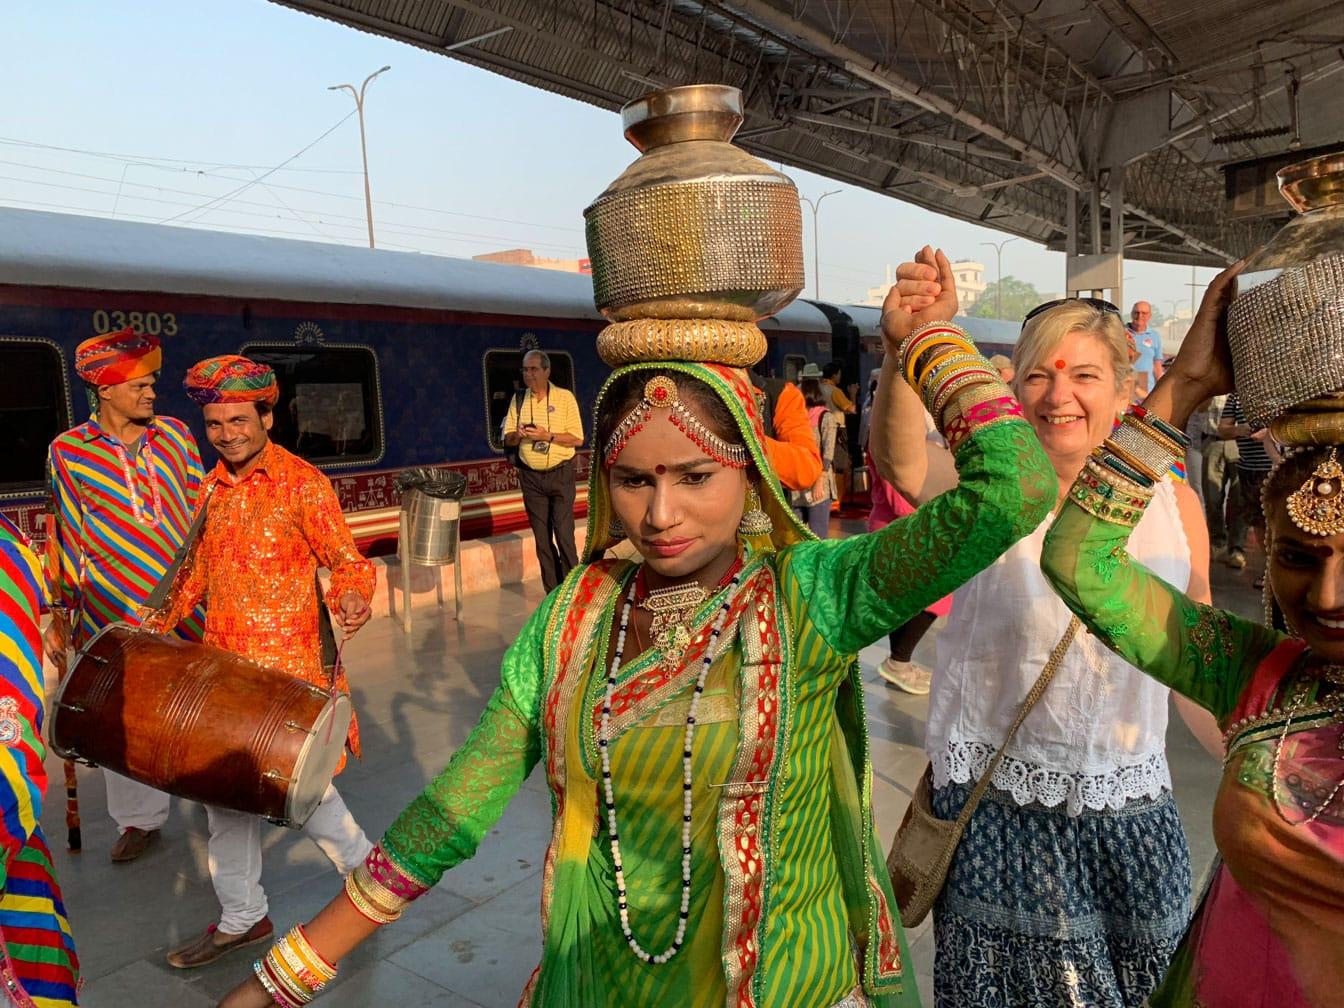 Woman balancing a jug